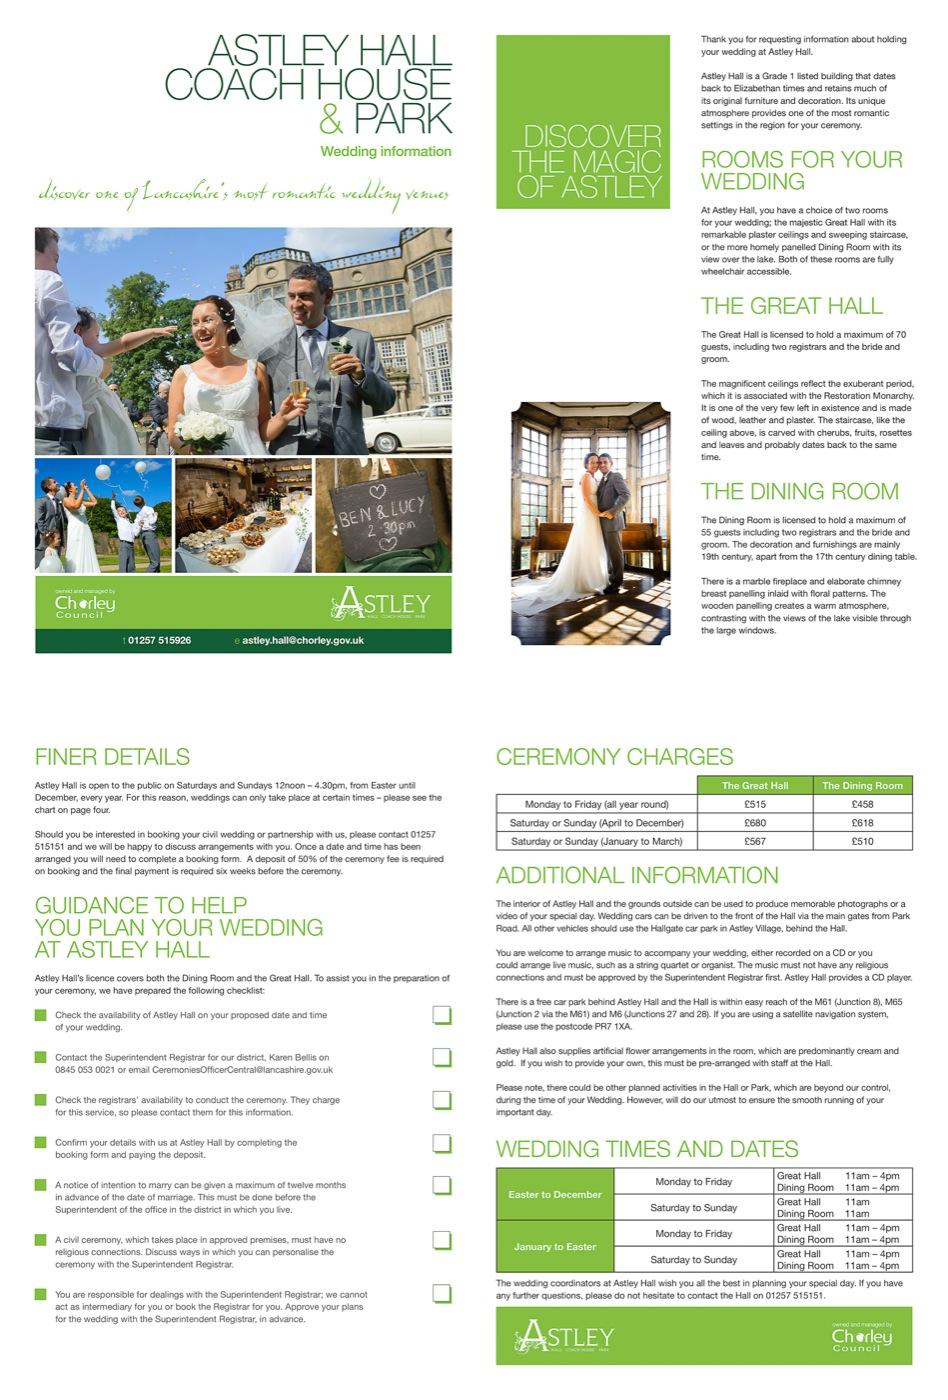 Astley-Hall-Wedding-Photographer-Brochure-Tim-Emmerton.jpg